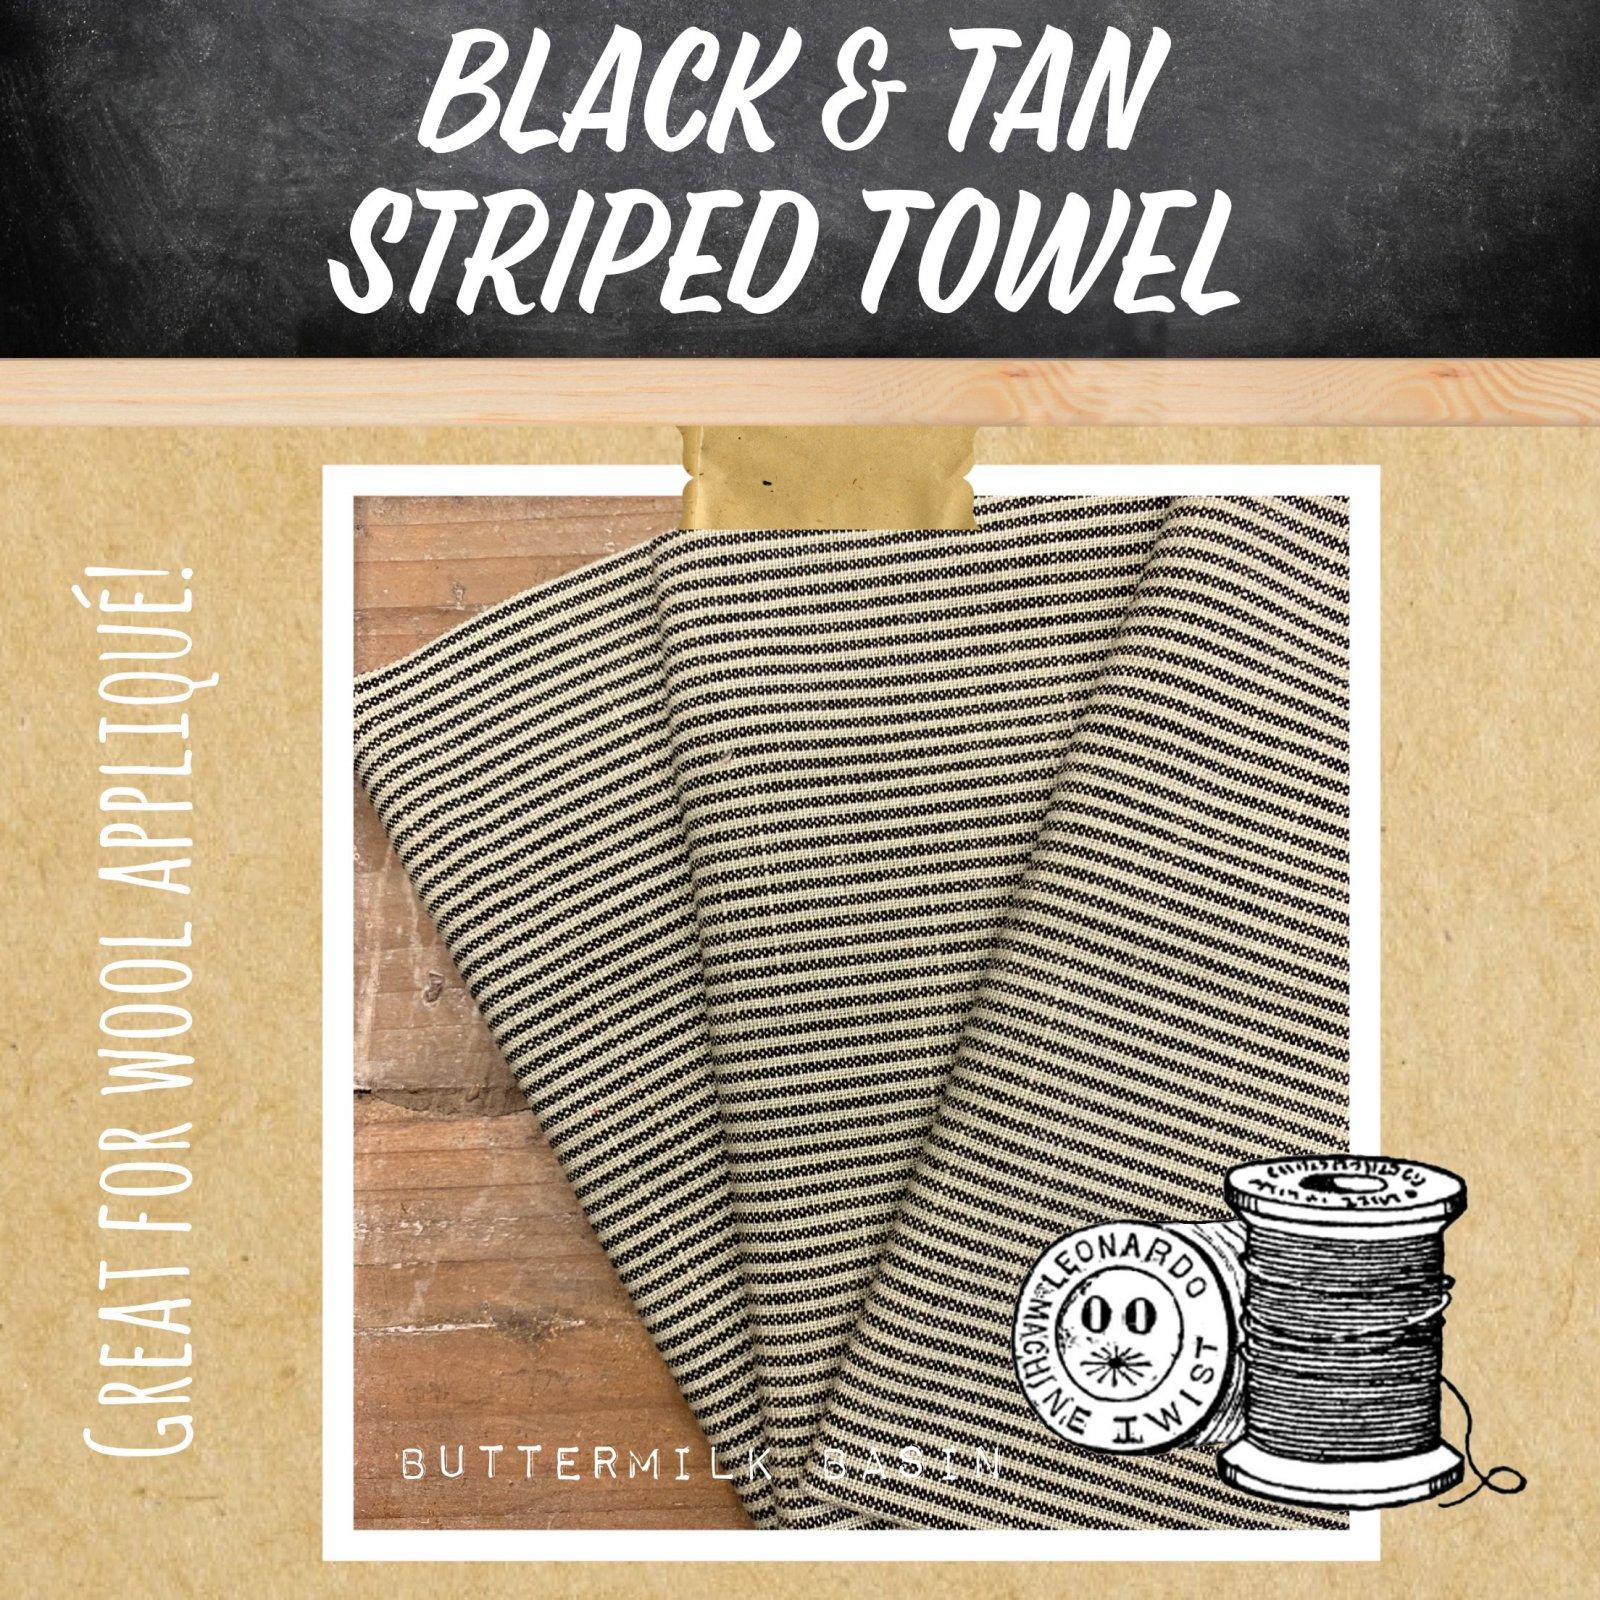 Black & Tan Striped Towel